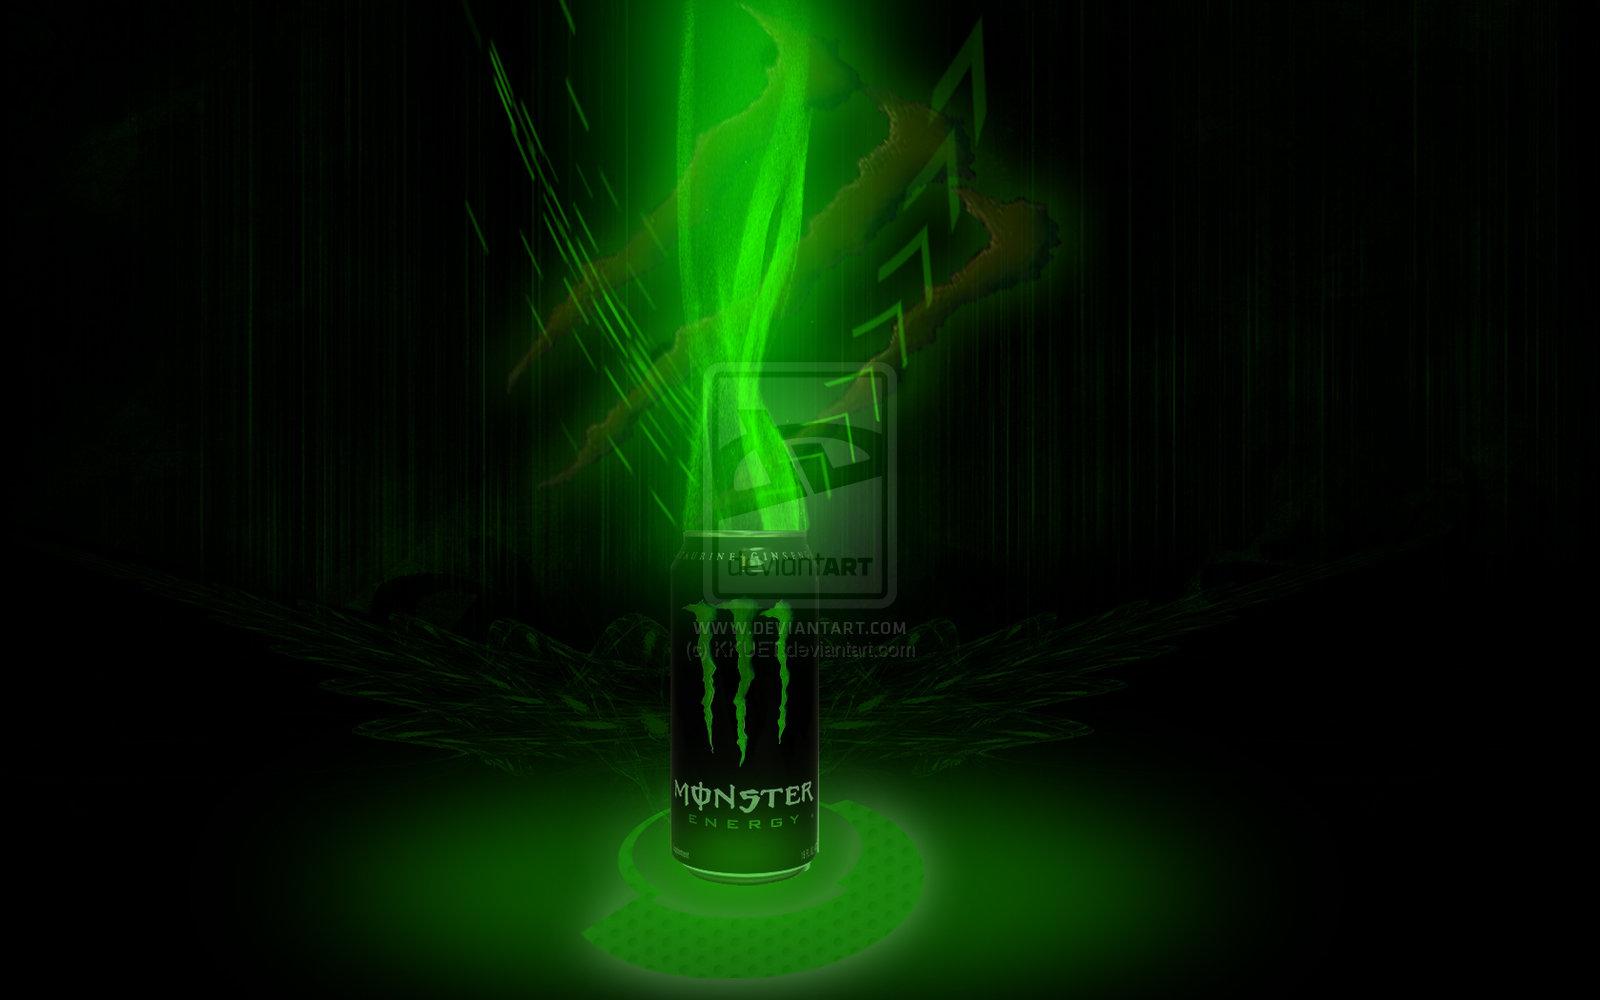 Hd monster energy wallpaper impremedia monster energy wallpaper hd 1920x1080 monster energy wallpaper voltagebd Choice Image